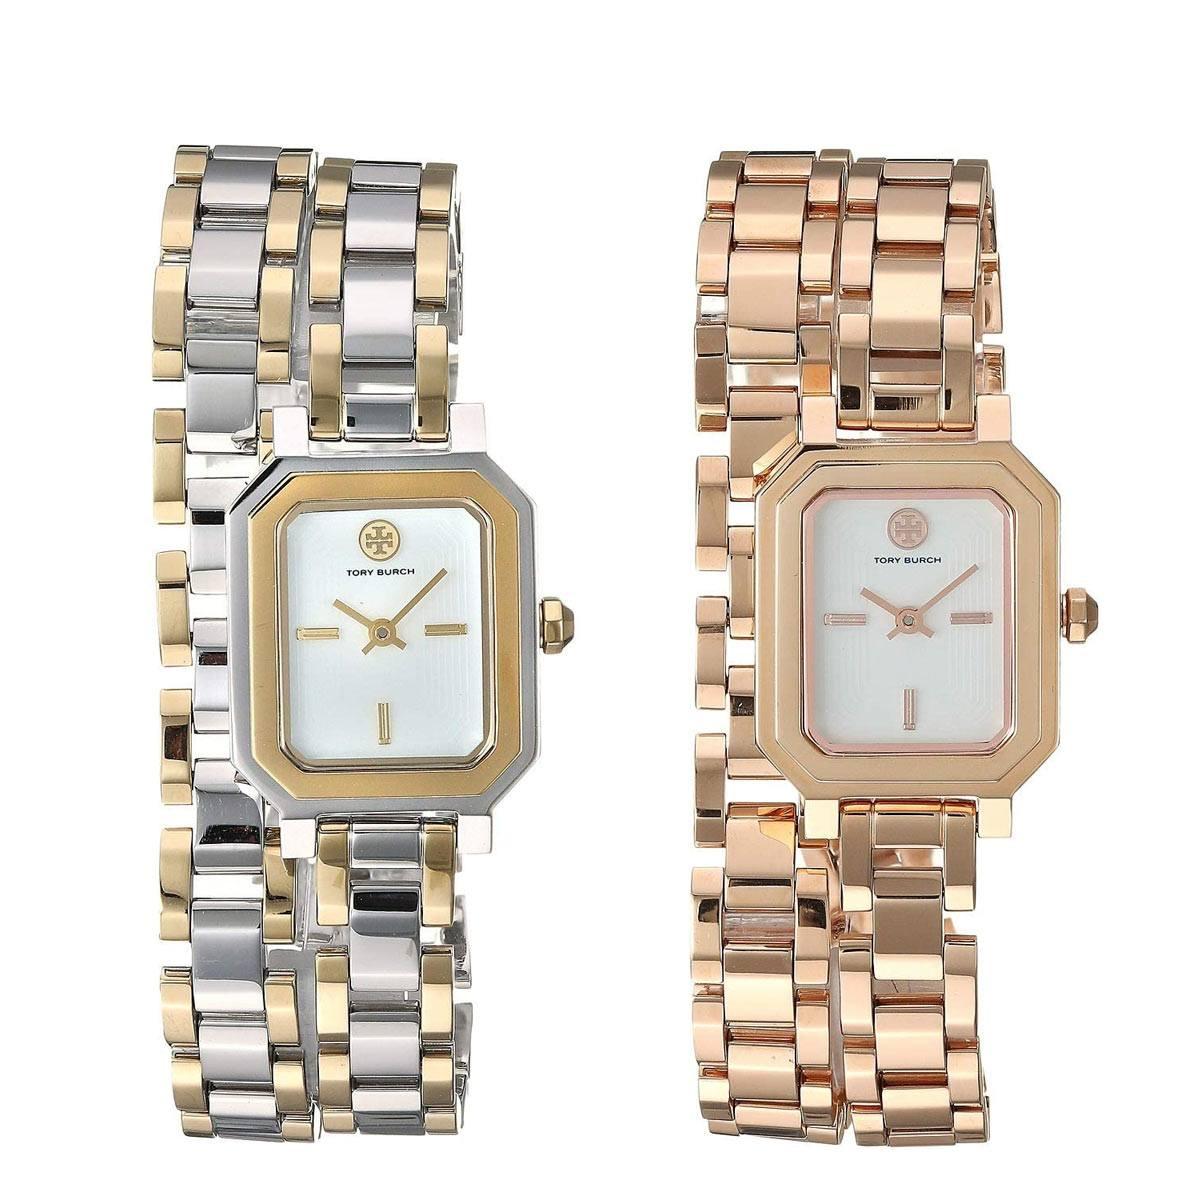 トリーバーチ 時計 大好評です 永遠の定番 腕時計 レディース ブレスレット Burch Tory スクエア ブランド おしゃれ